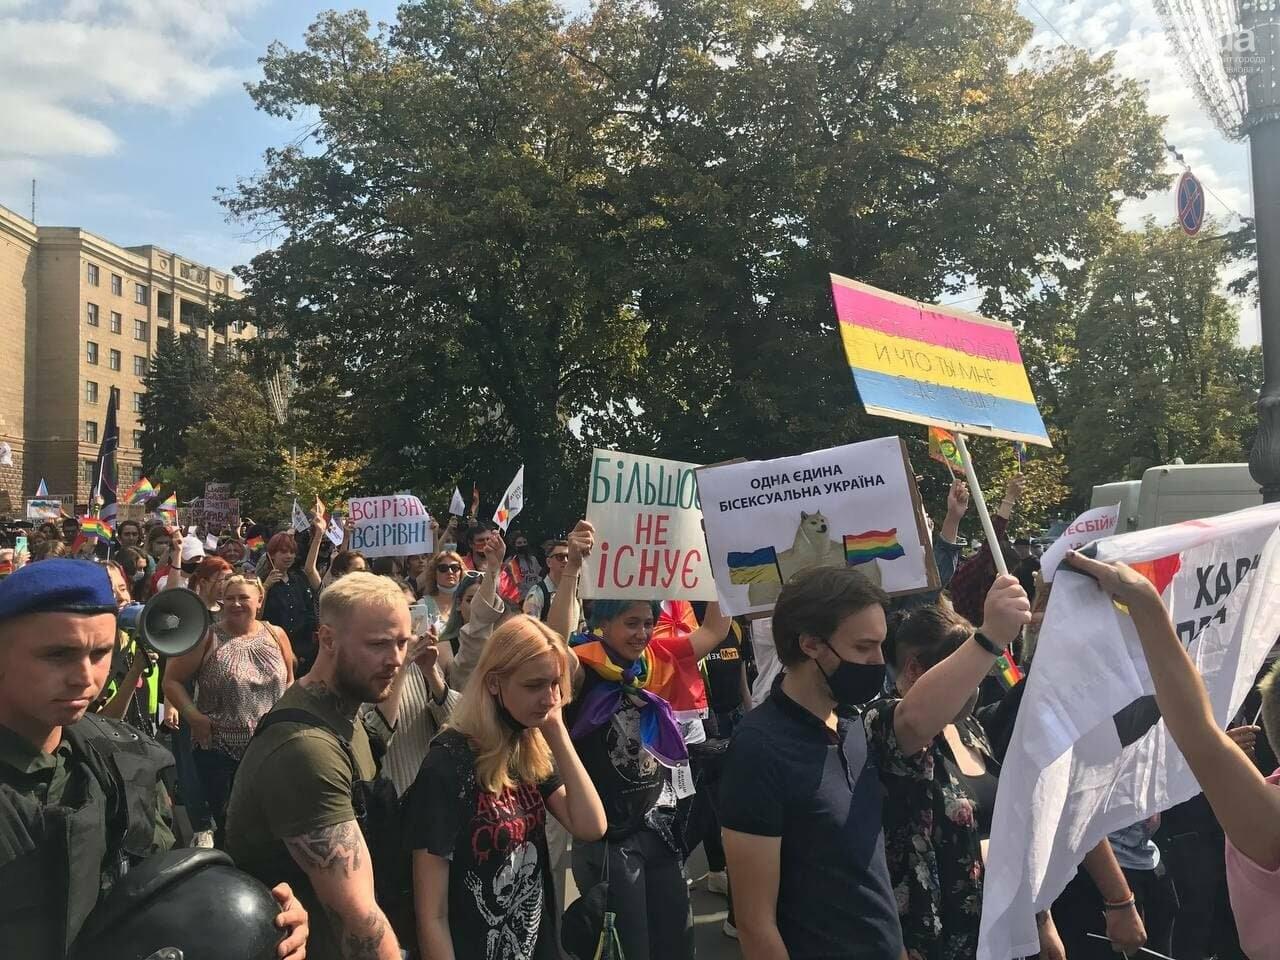 «Нет важней любви». Как в центре Харькова прошел ЛГБТ-марш, - ФОТОРЕПОРТАЖ, фото-7